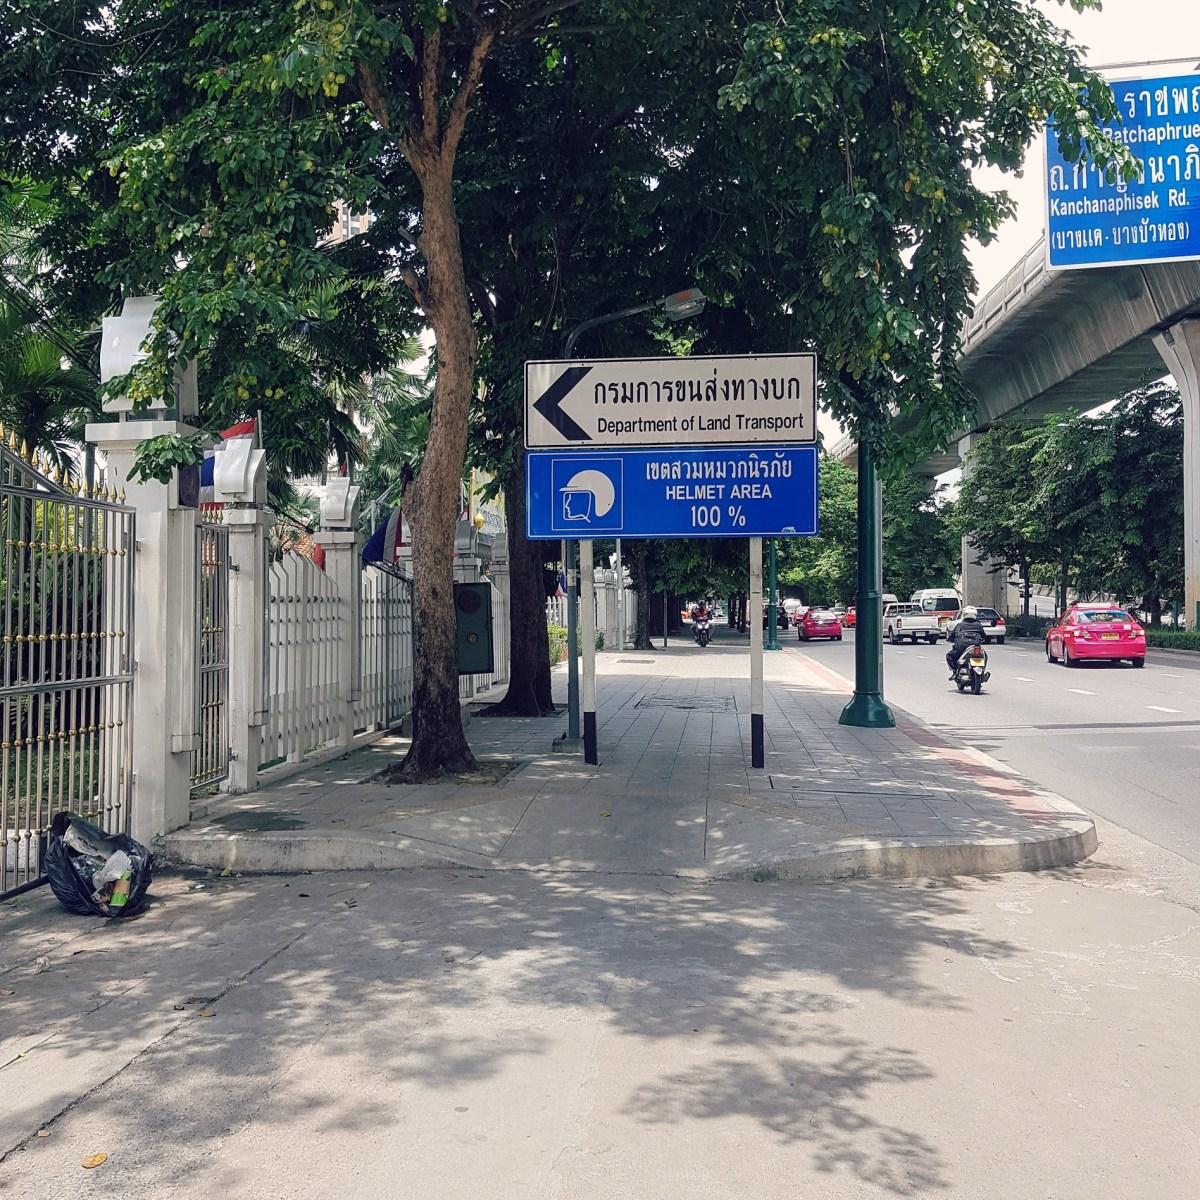 タイでの運転免許の更新 (14 June 2018)